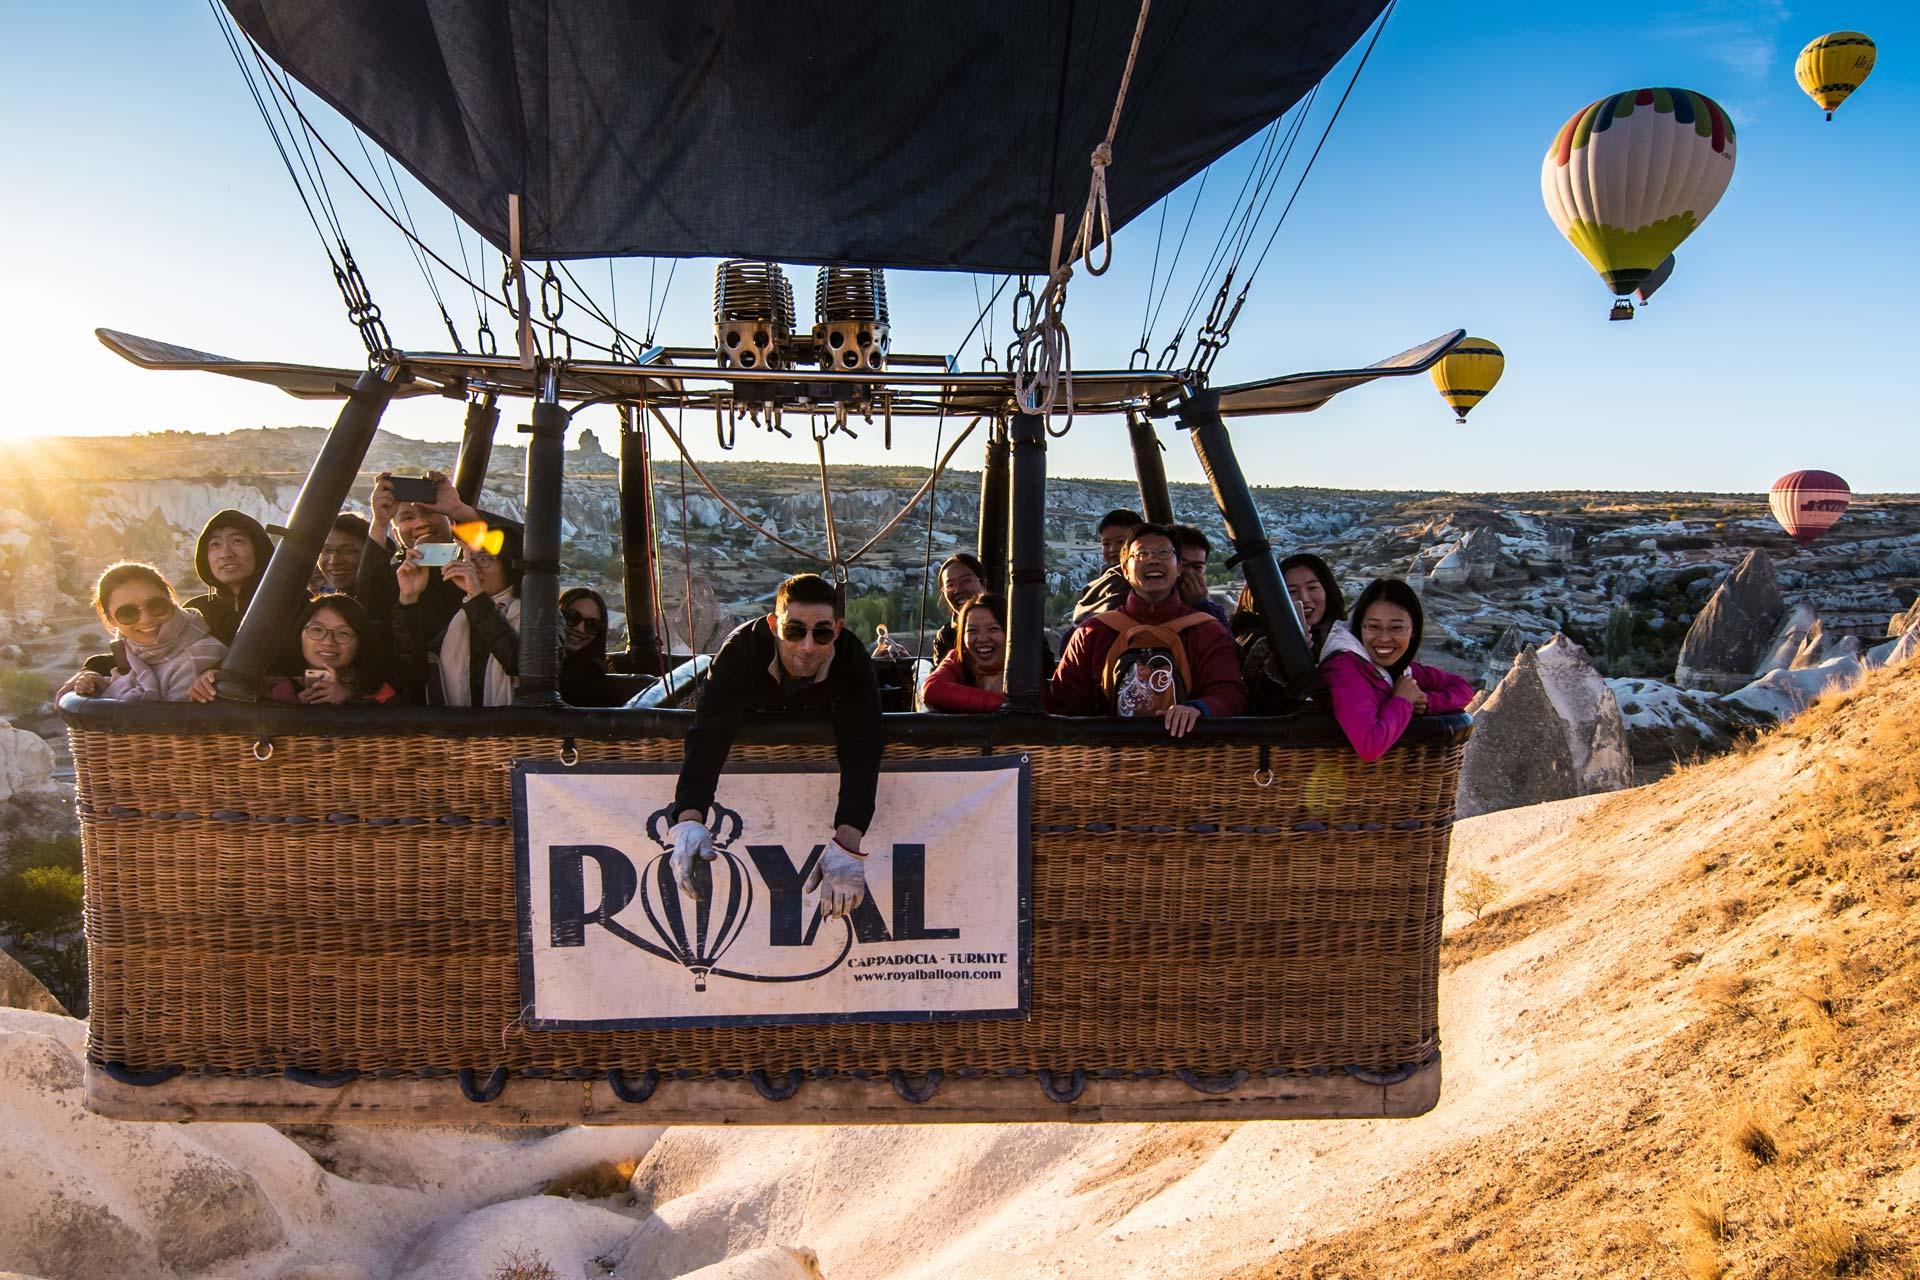 Eventfotografie - Foto einer Reisegruppe